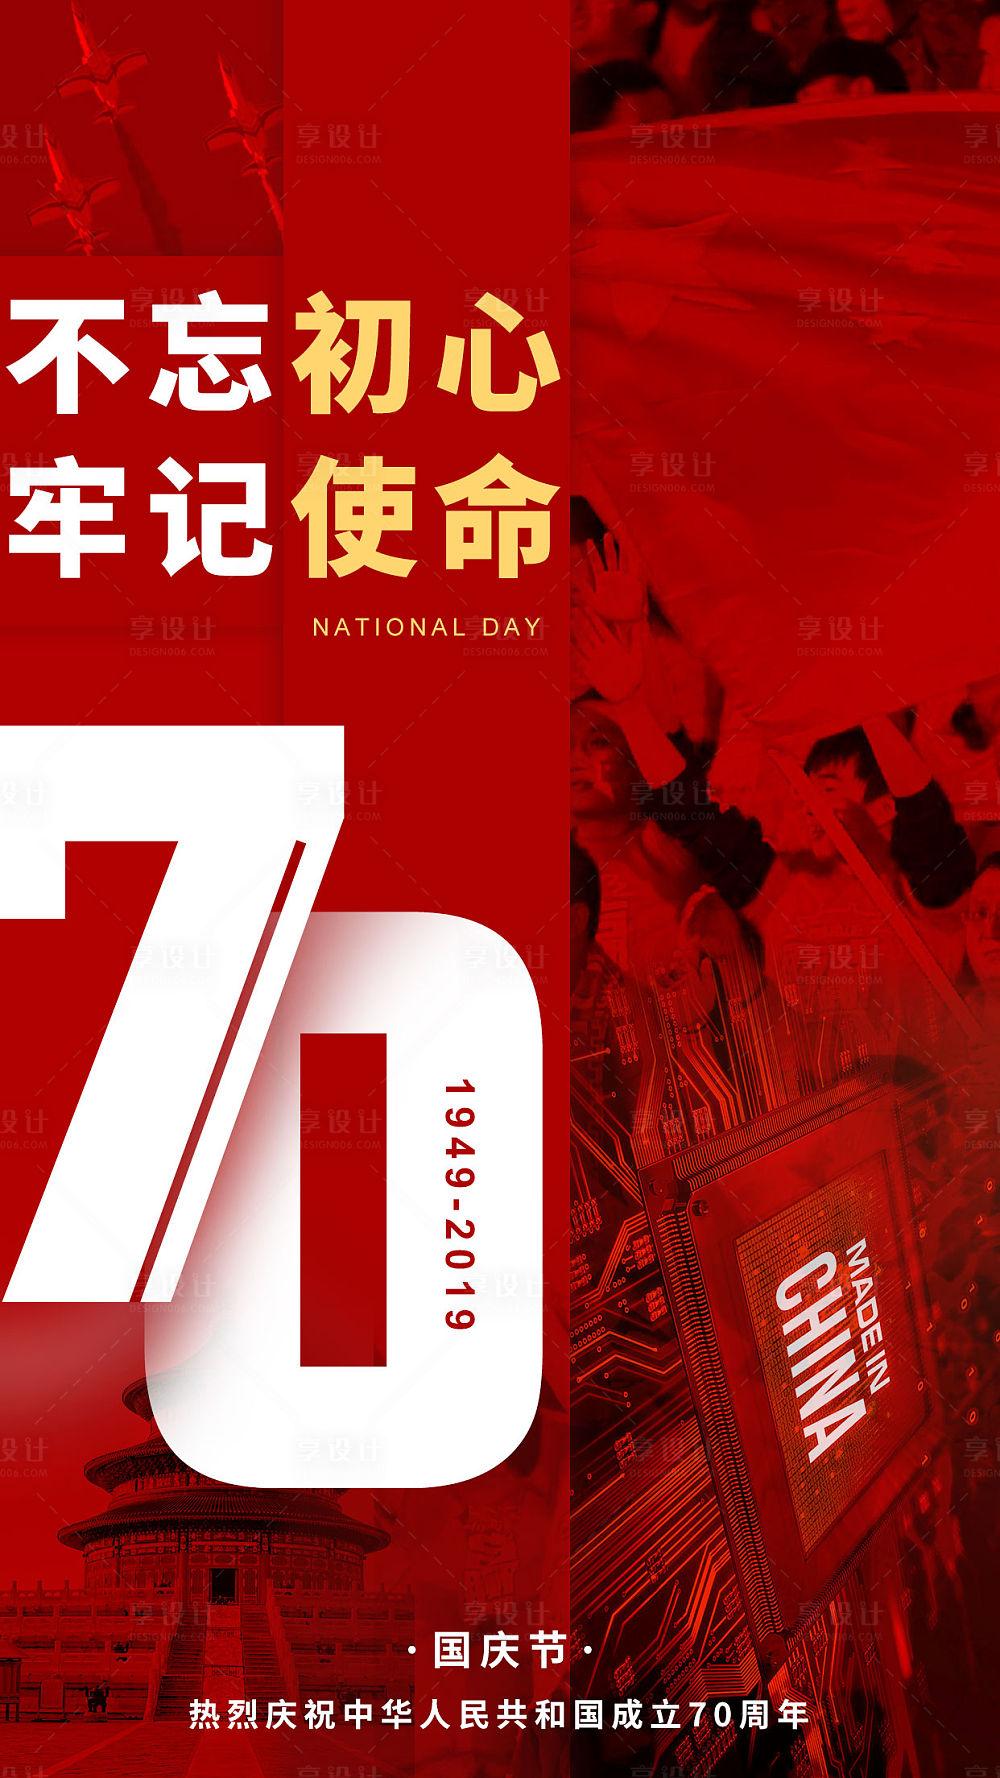 【源文件下载】 海报 国庆节 公历节日 数字 创意 喜庆